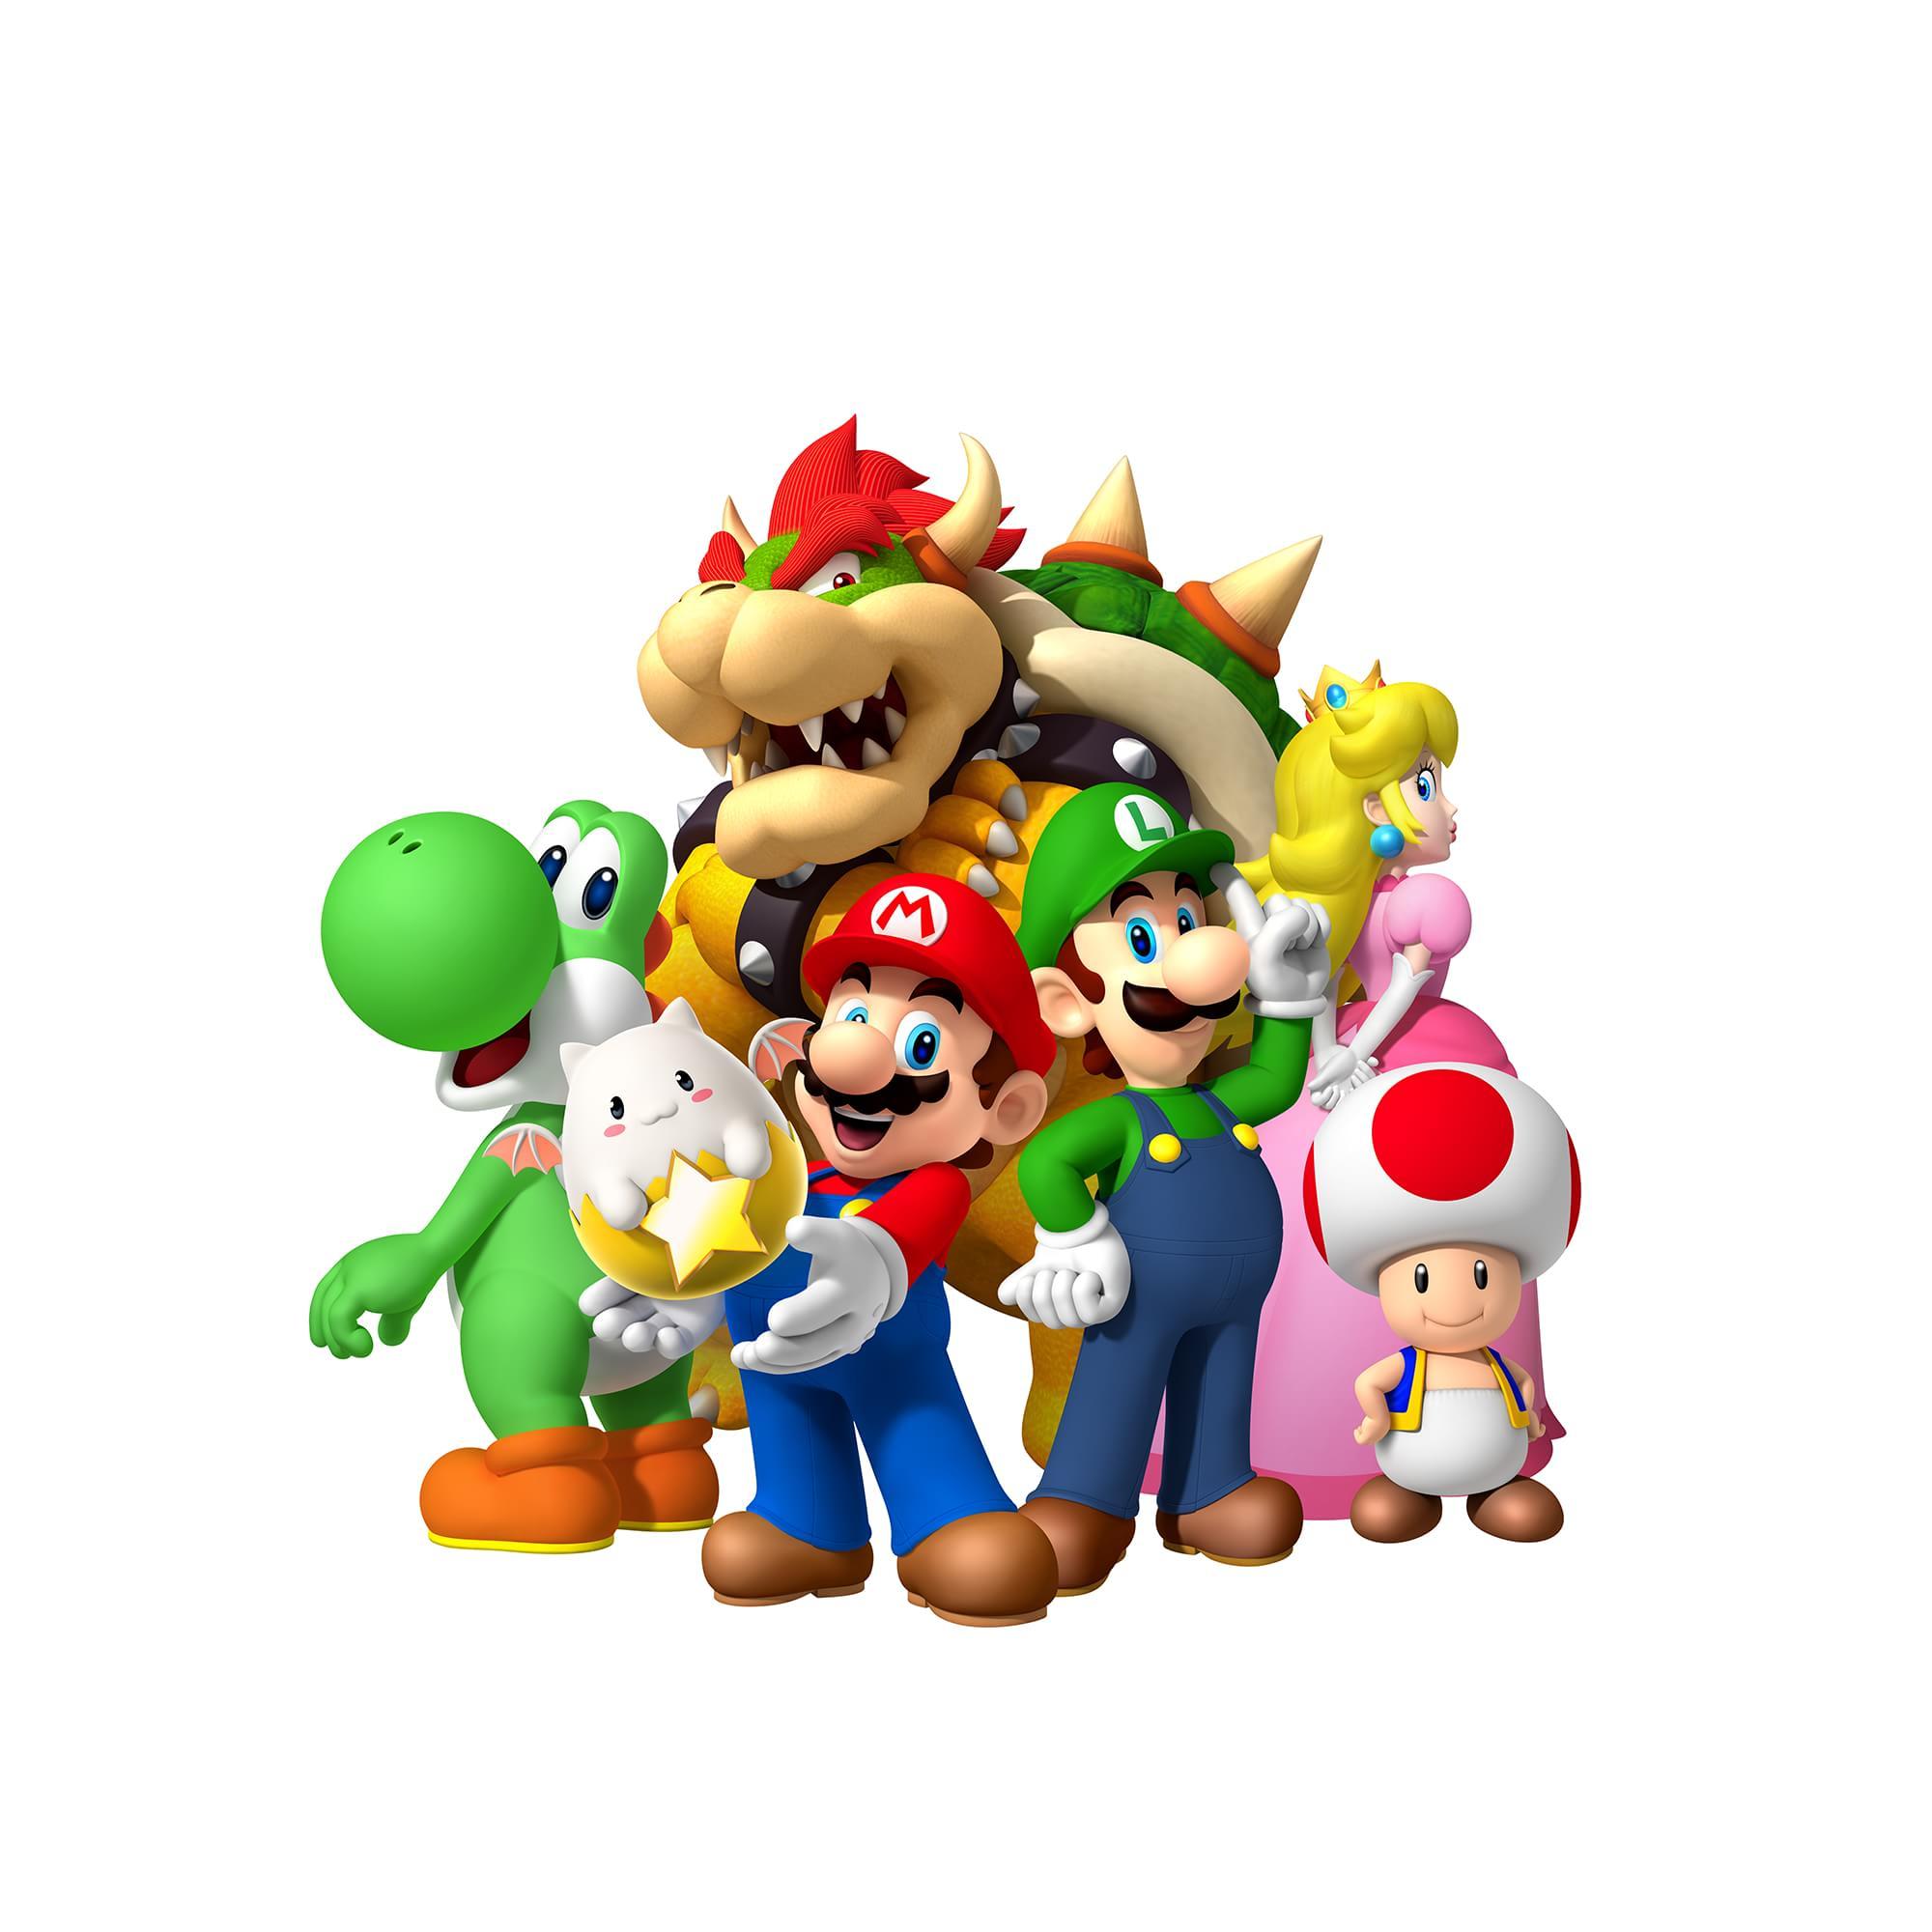 Trailer de Puzzle & Dragons Z + Puzzle & Dragons Super Mario Bros. Edition